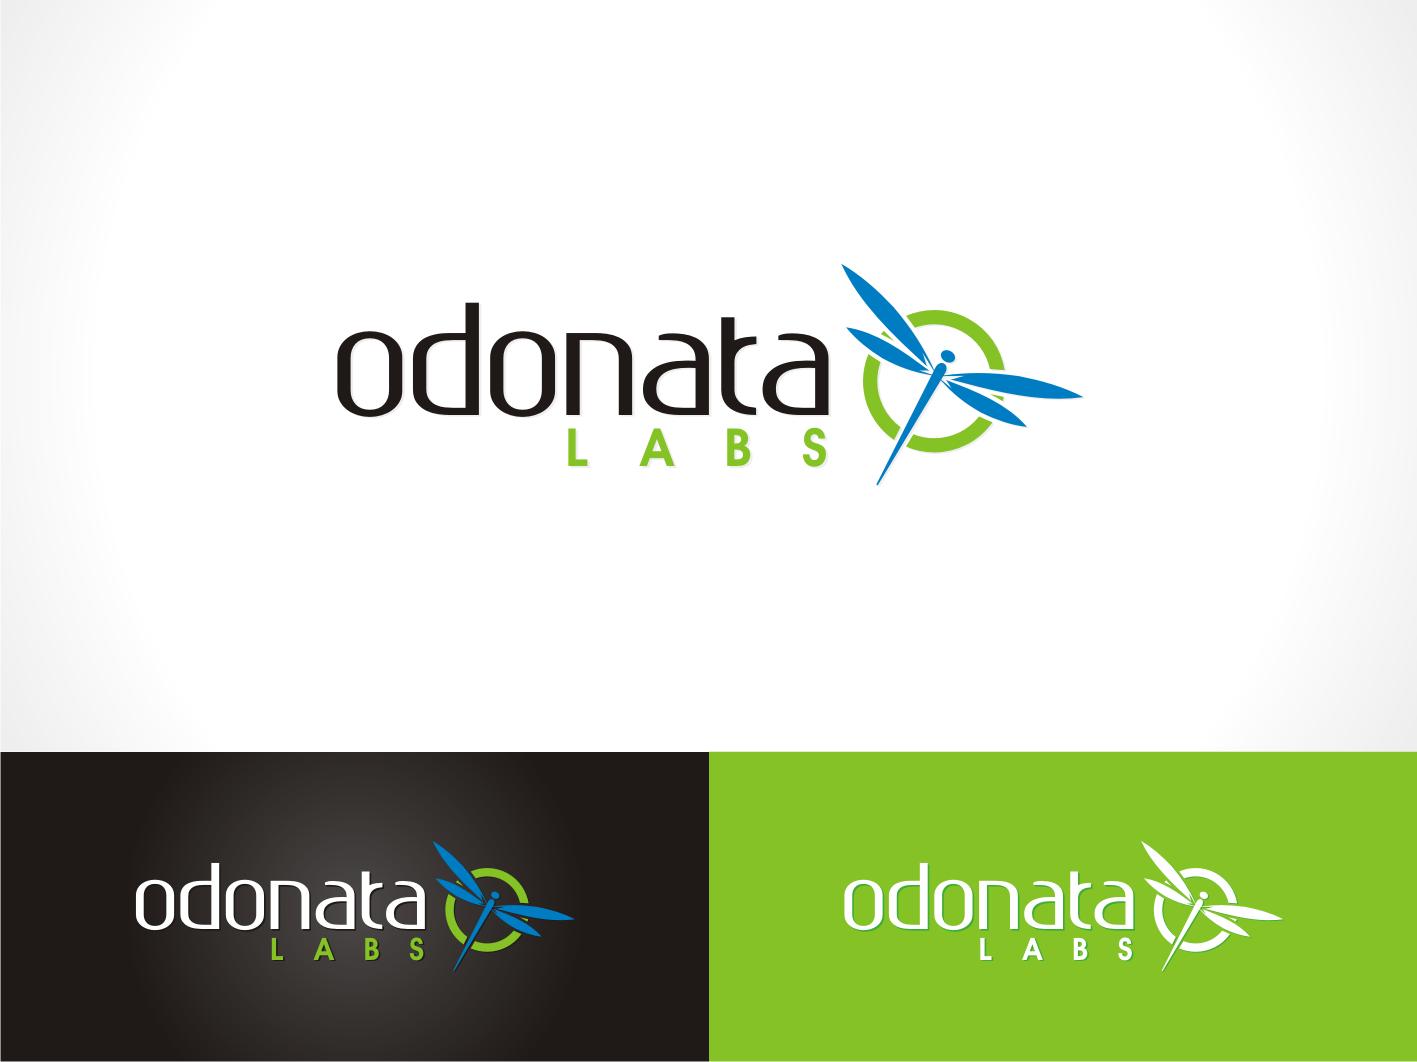 Odonata Labs needs a new logo